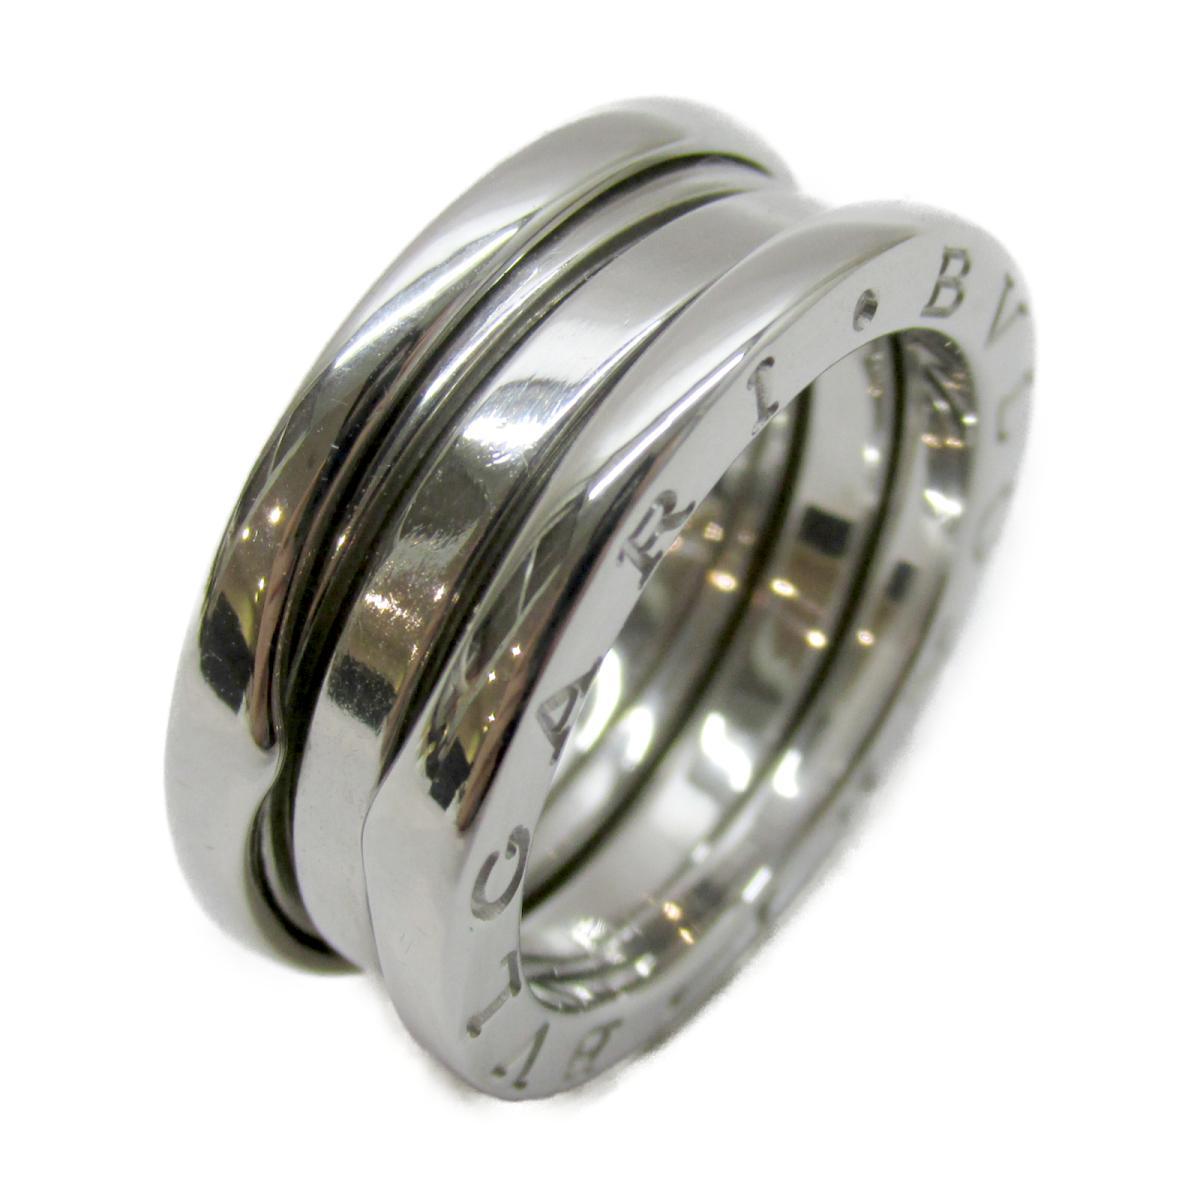 ブルガリ B-zero1 リング 指輪 ブランドジュエリー メンズ レディース K18WG (750) ホワイトゴールド シルバー 【中古】   BVLGARI BRANDOFF ブランドオフ ブランド ジュエリー アクセサリー